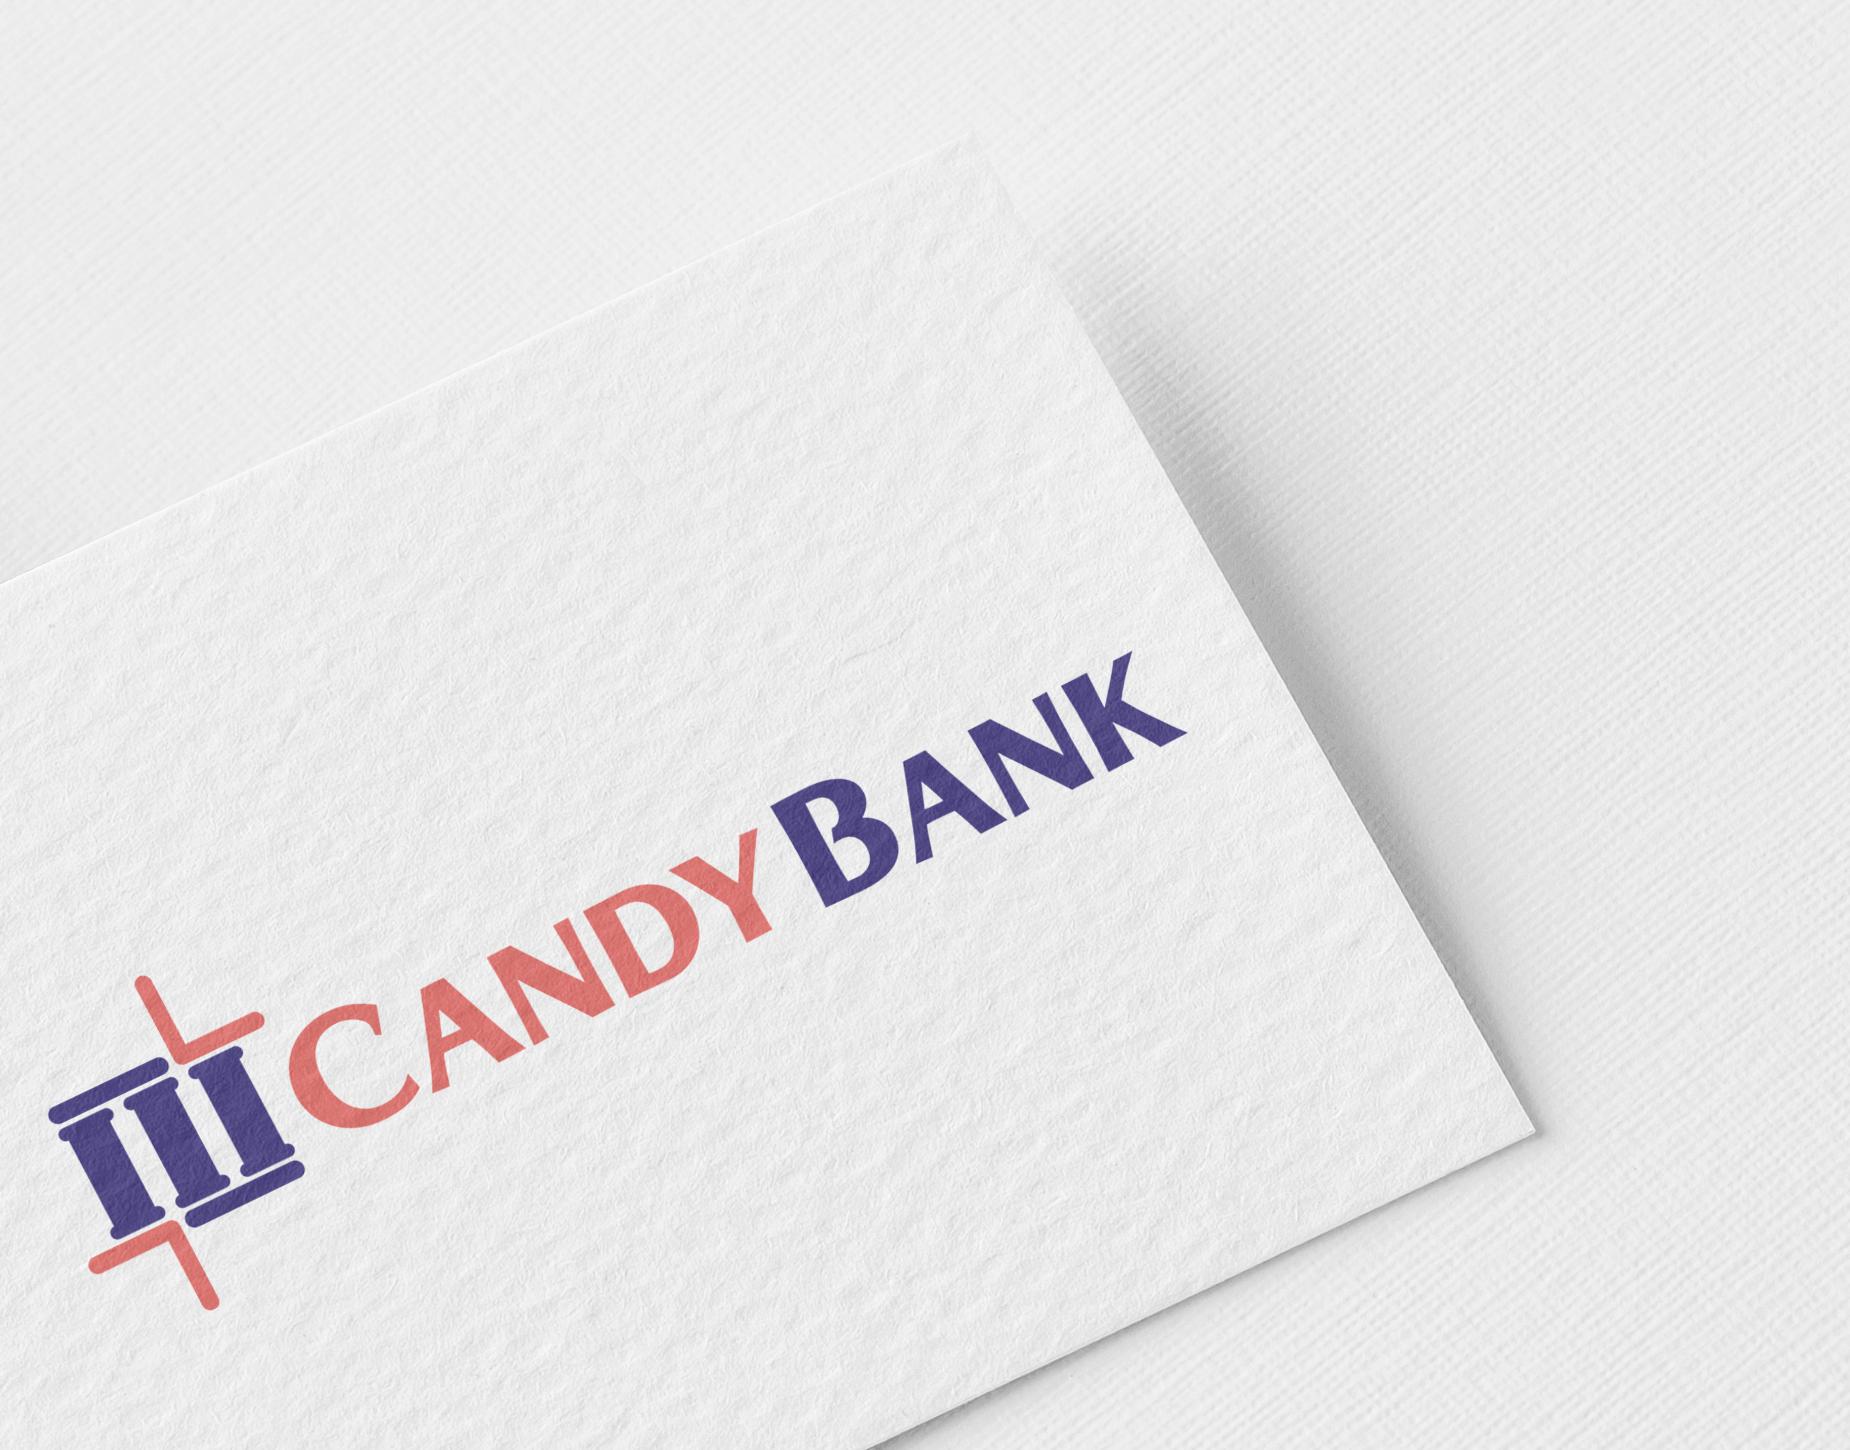 Логотип для международного банка фото f_4605d6a616e3f1b8.jpg